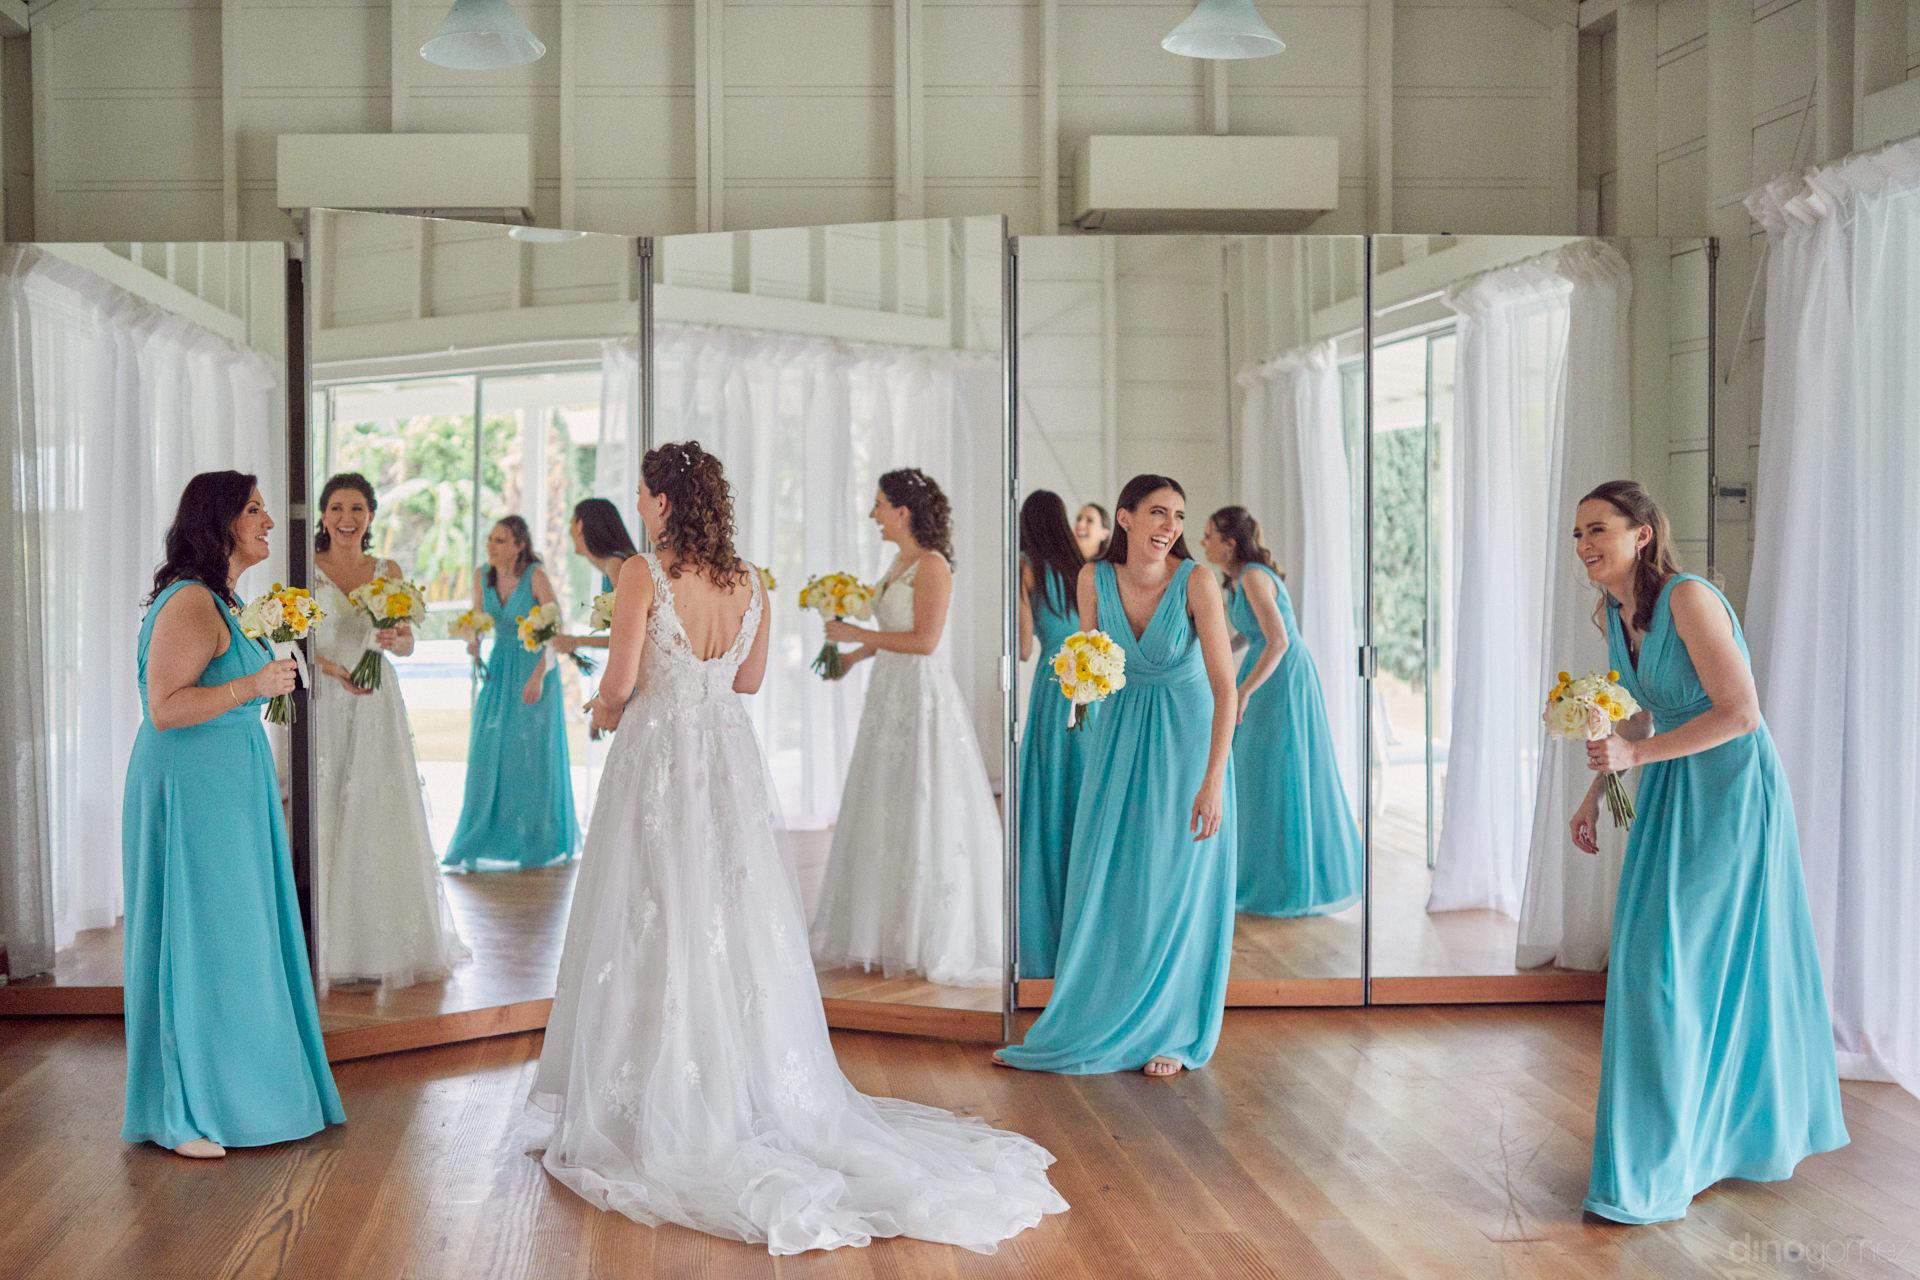 Wedding Photographers Cabo Stunning Images - Hilary & Bryan Flora Wedding